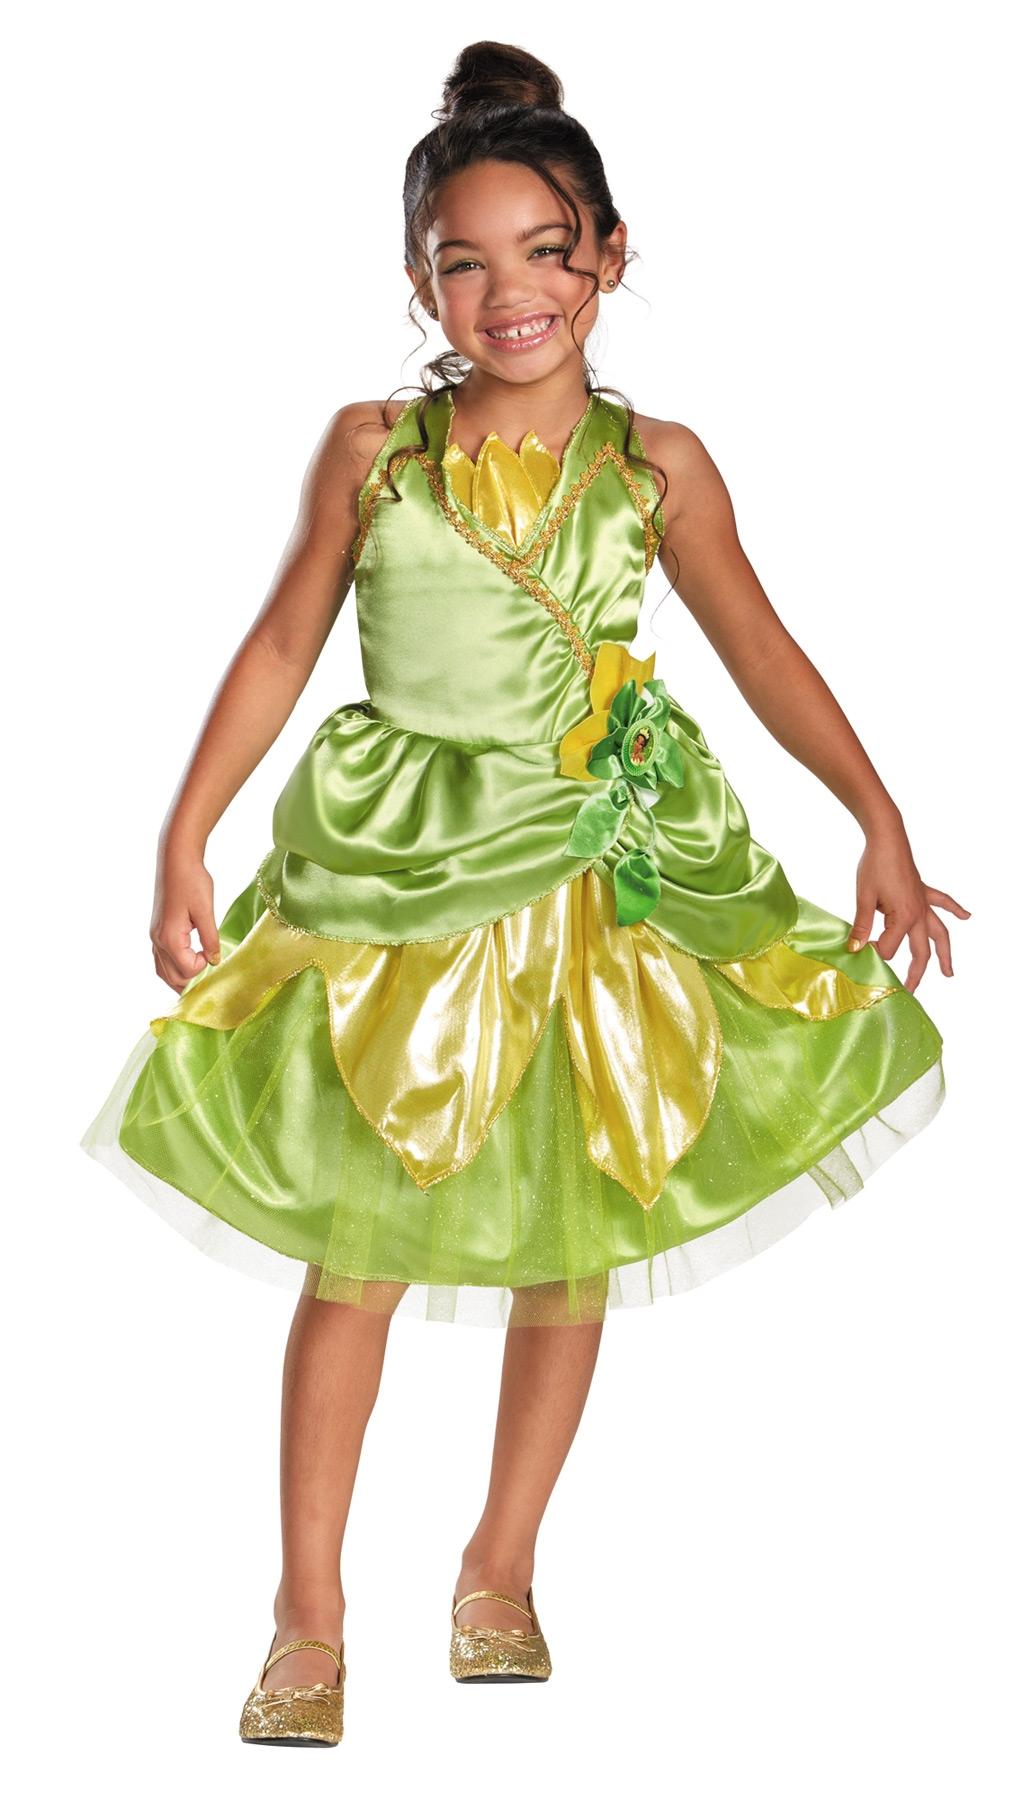 Детский костюм принцессы Тианы (32-34) детский костюм джульетты 32 34